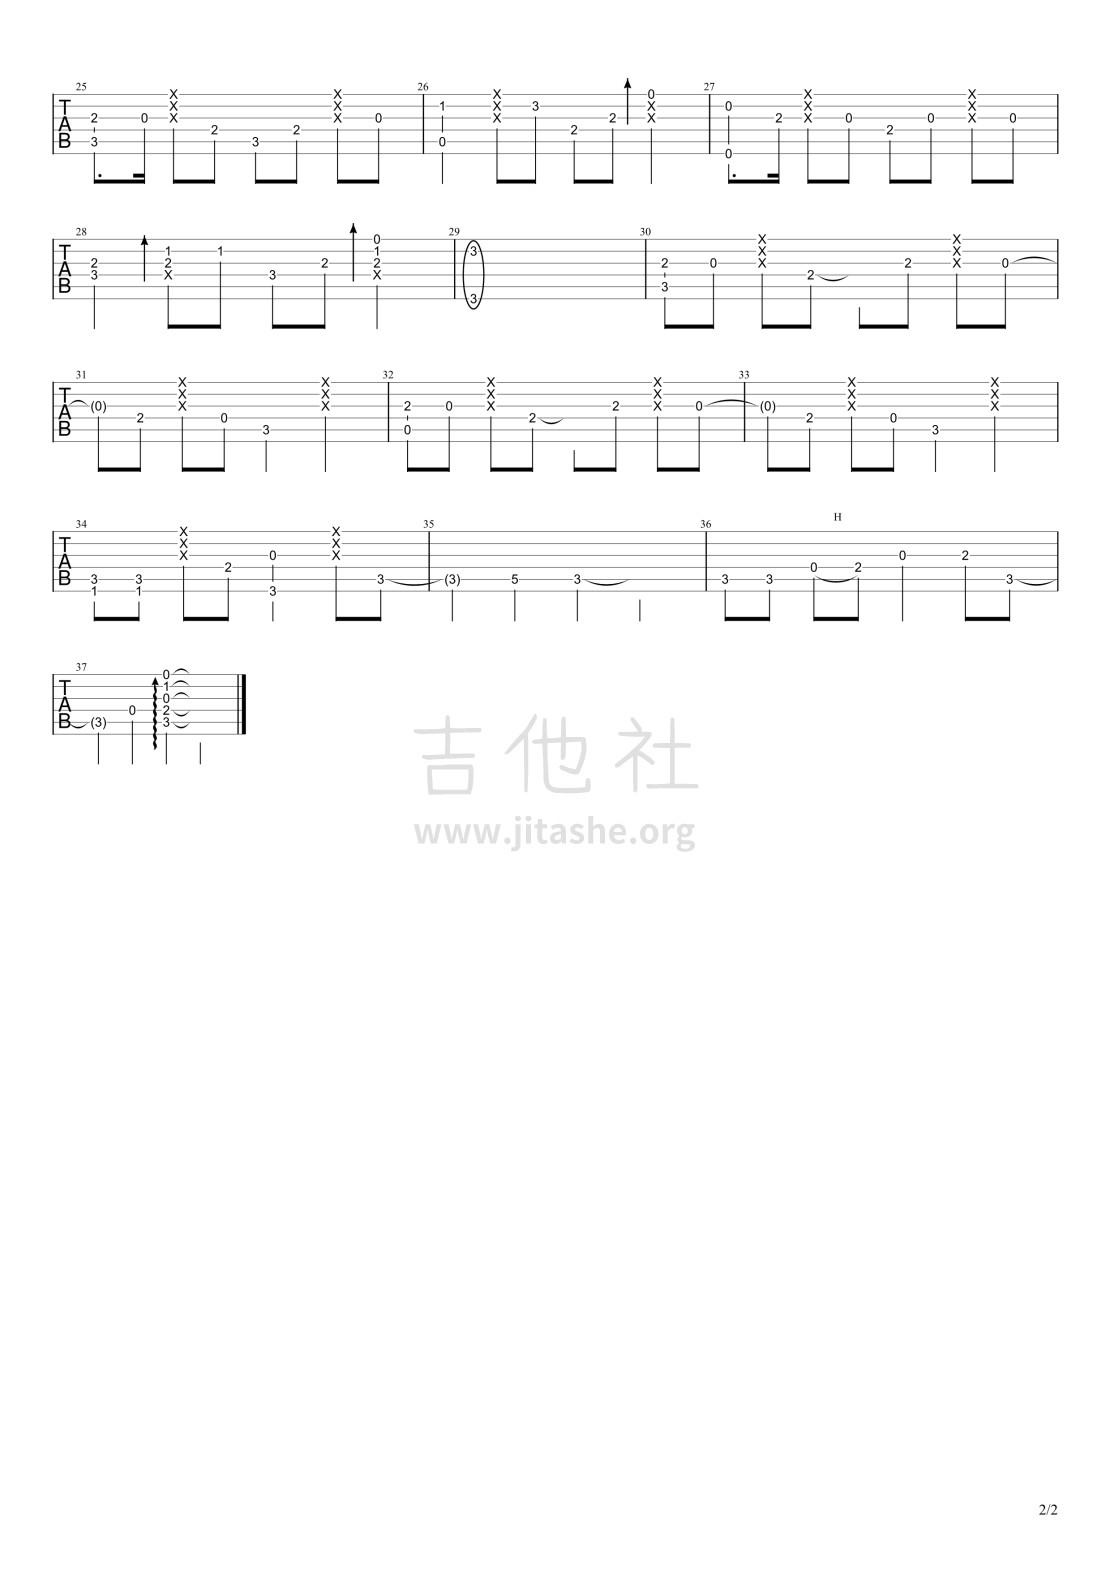 神兵小将片尾曲 - 不怕吉他谱(图片谱,指弹,南宫问雅)_动漫游戏(ACG)_不怕_2.jpg